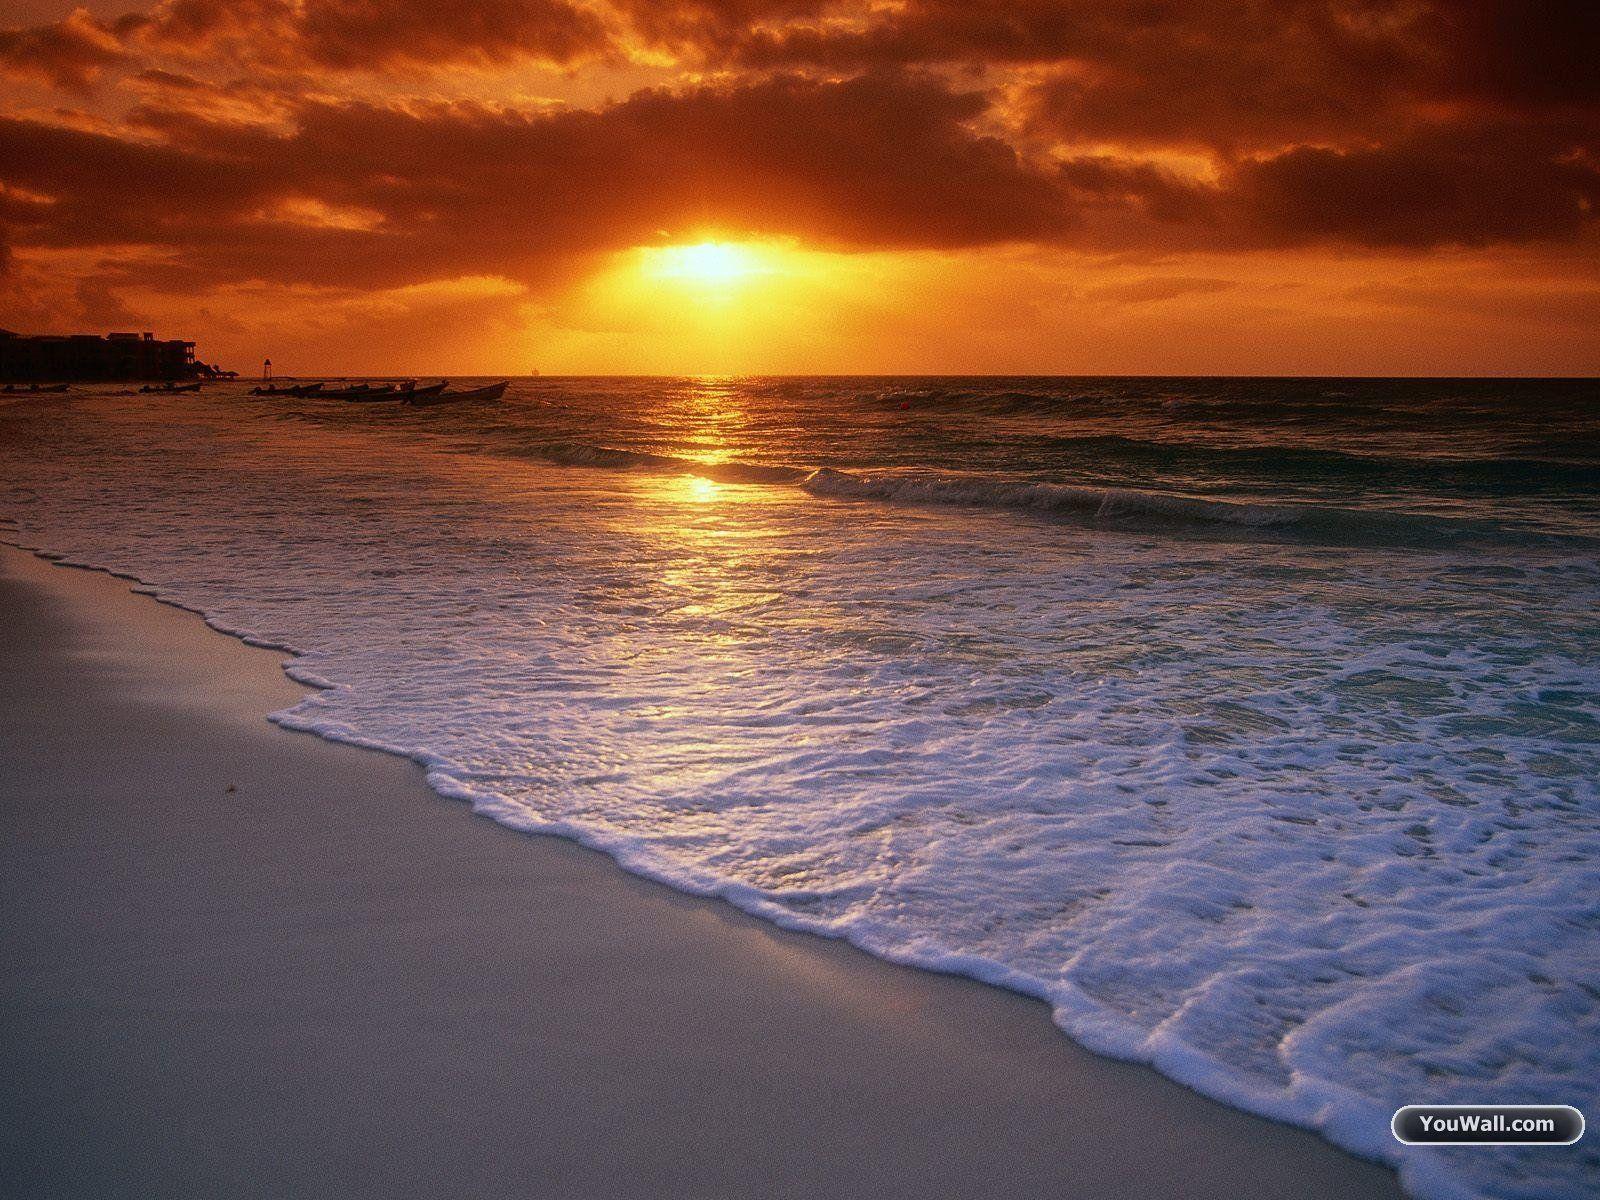 sandy beach sunset wallpaper 1920a—1200 beach sunset wallpapers 51 wallpapers adorable